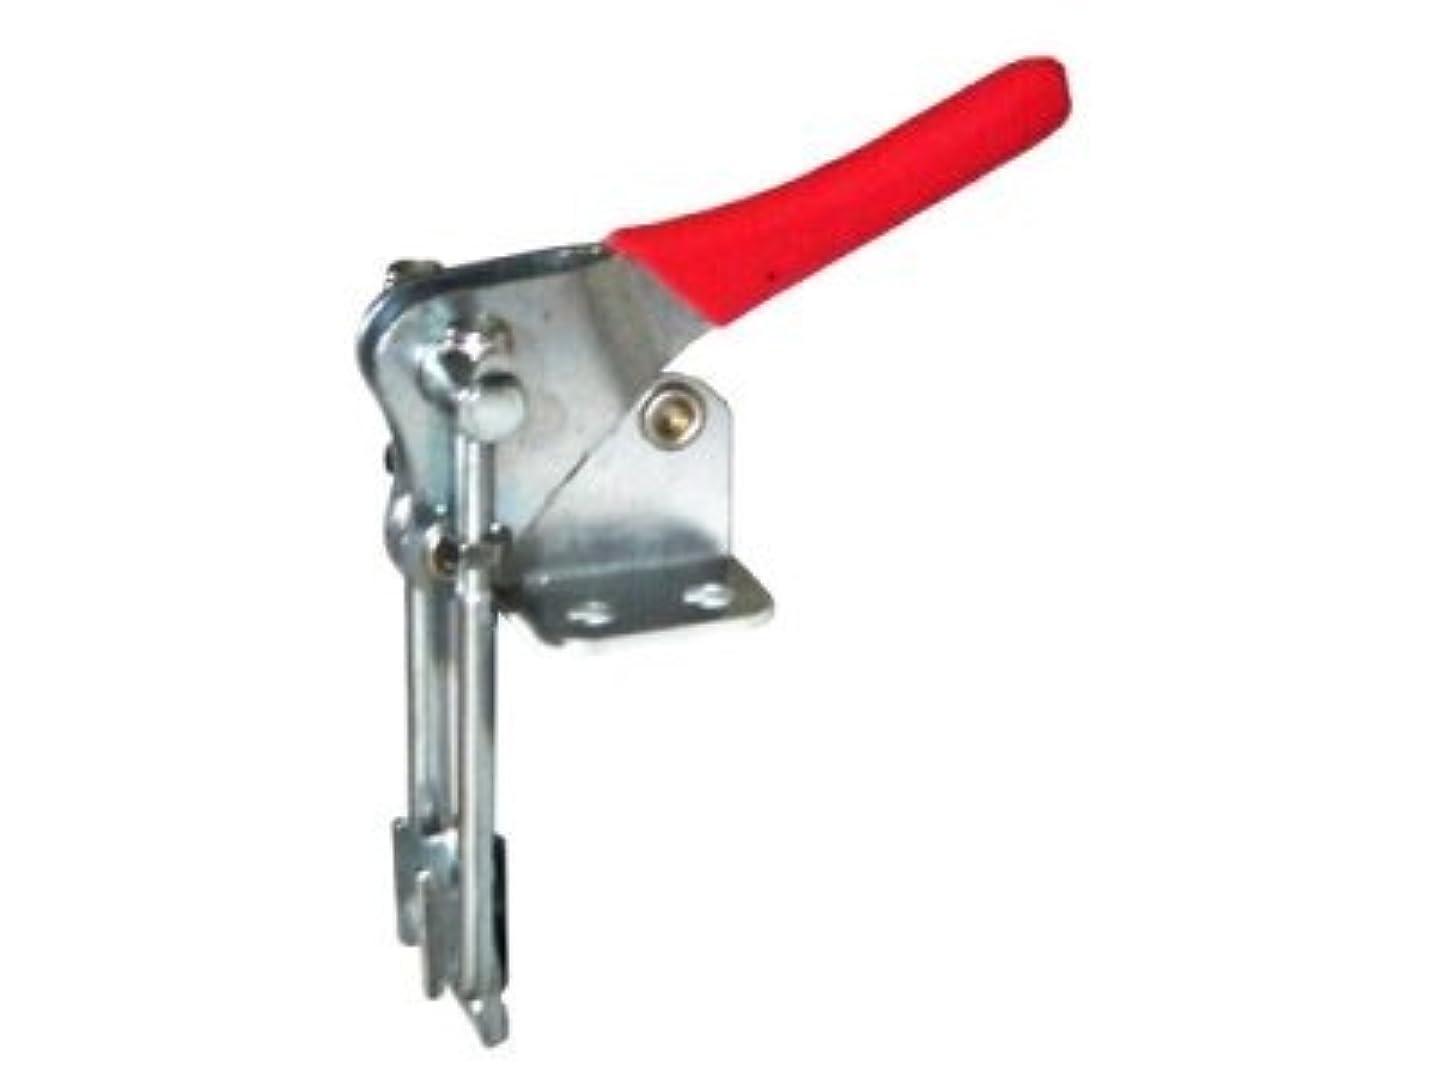 刺す雪のどLT-40334 Latch Type Toggle Clamp, 1000 Lbs Holding Capacity (Cross Referenced: 334) [並行輸入品]